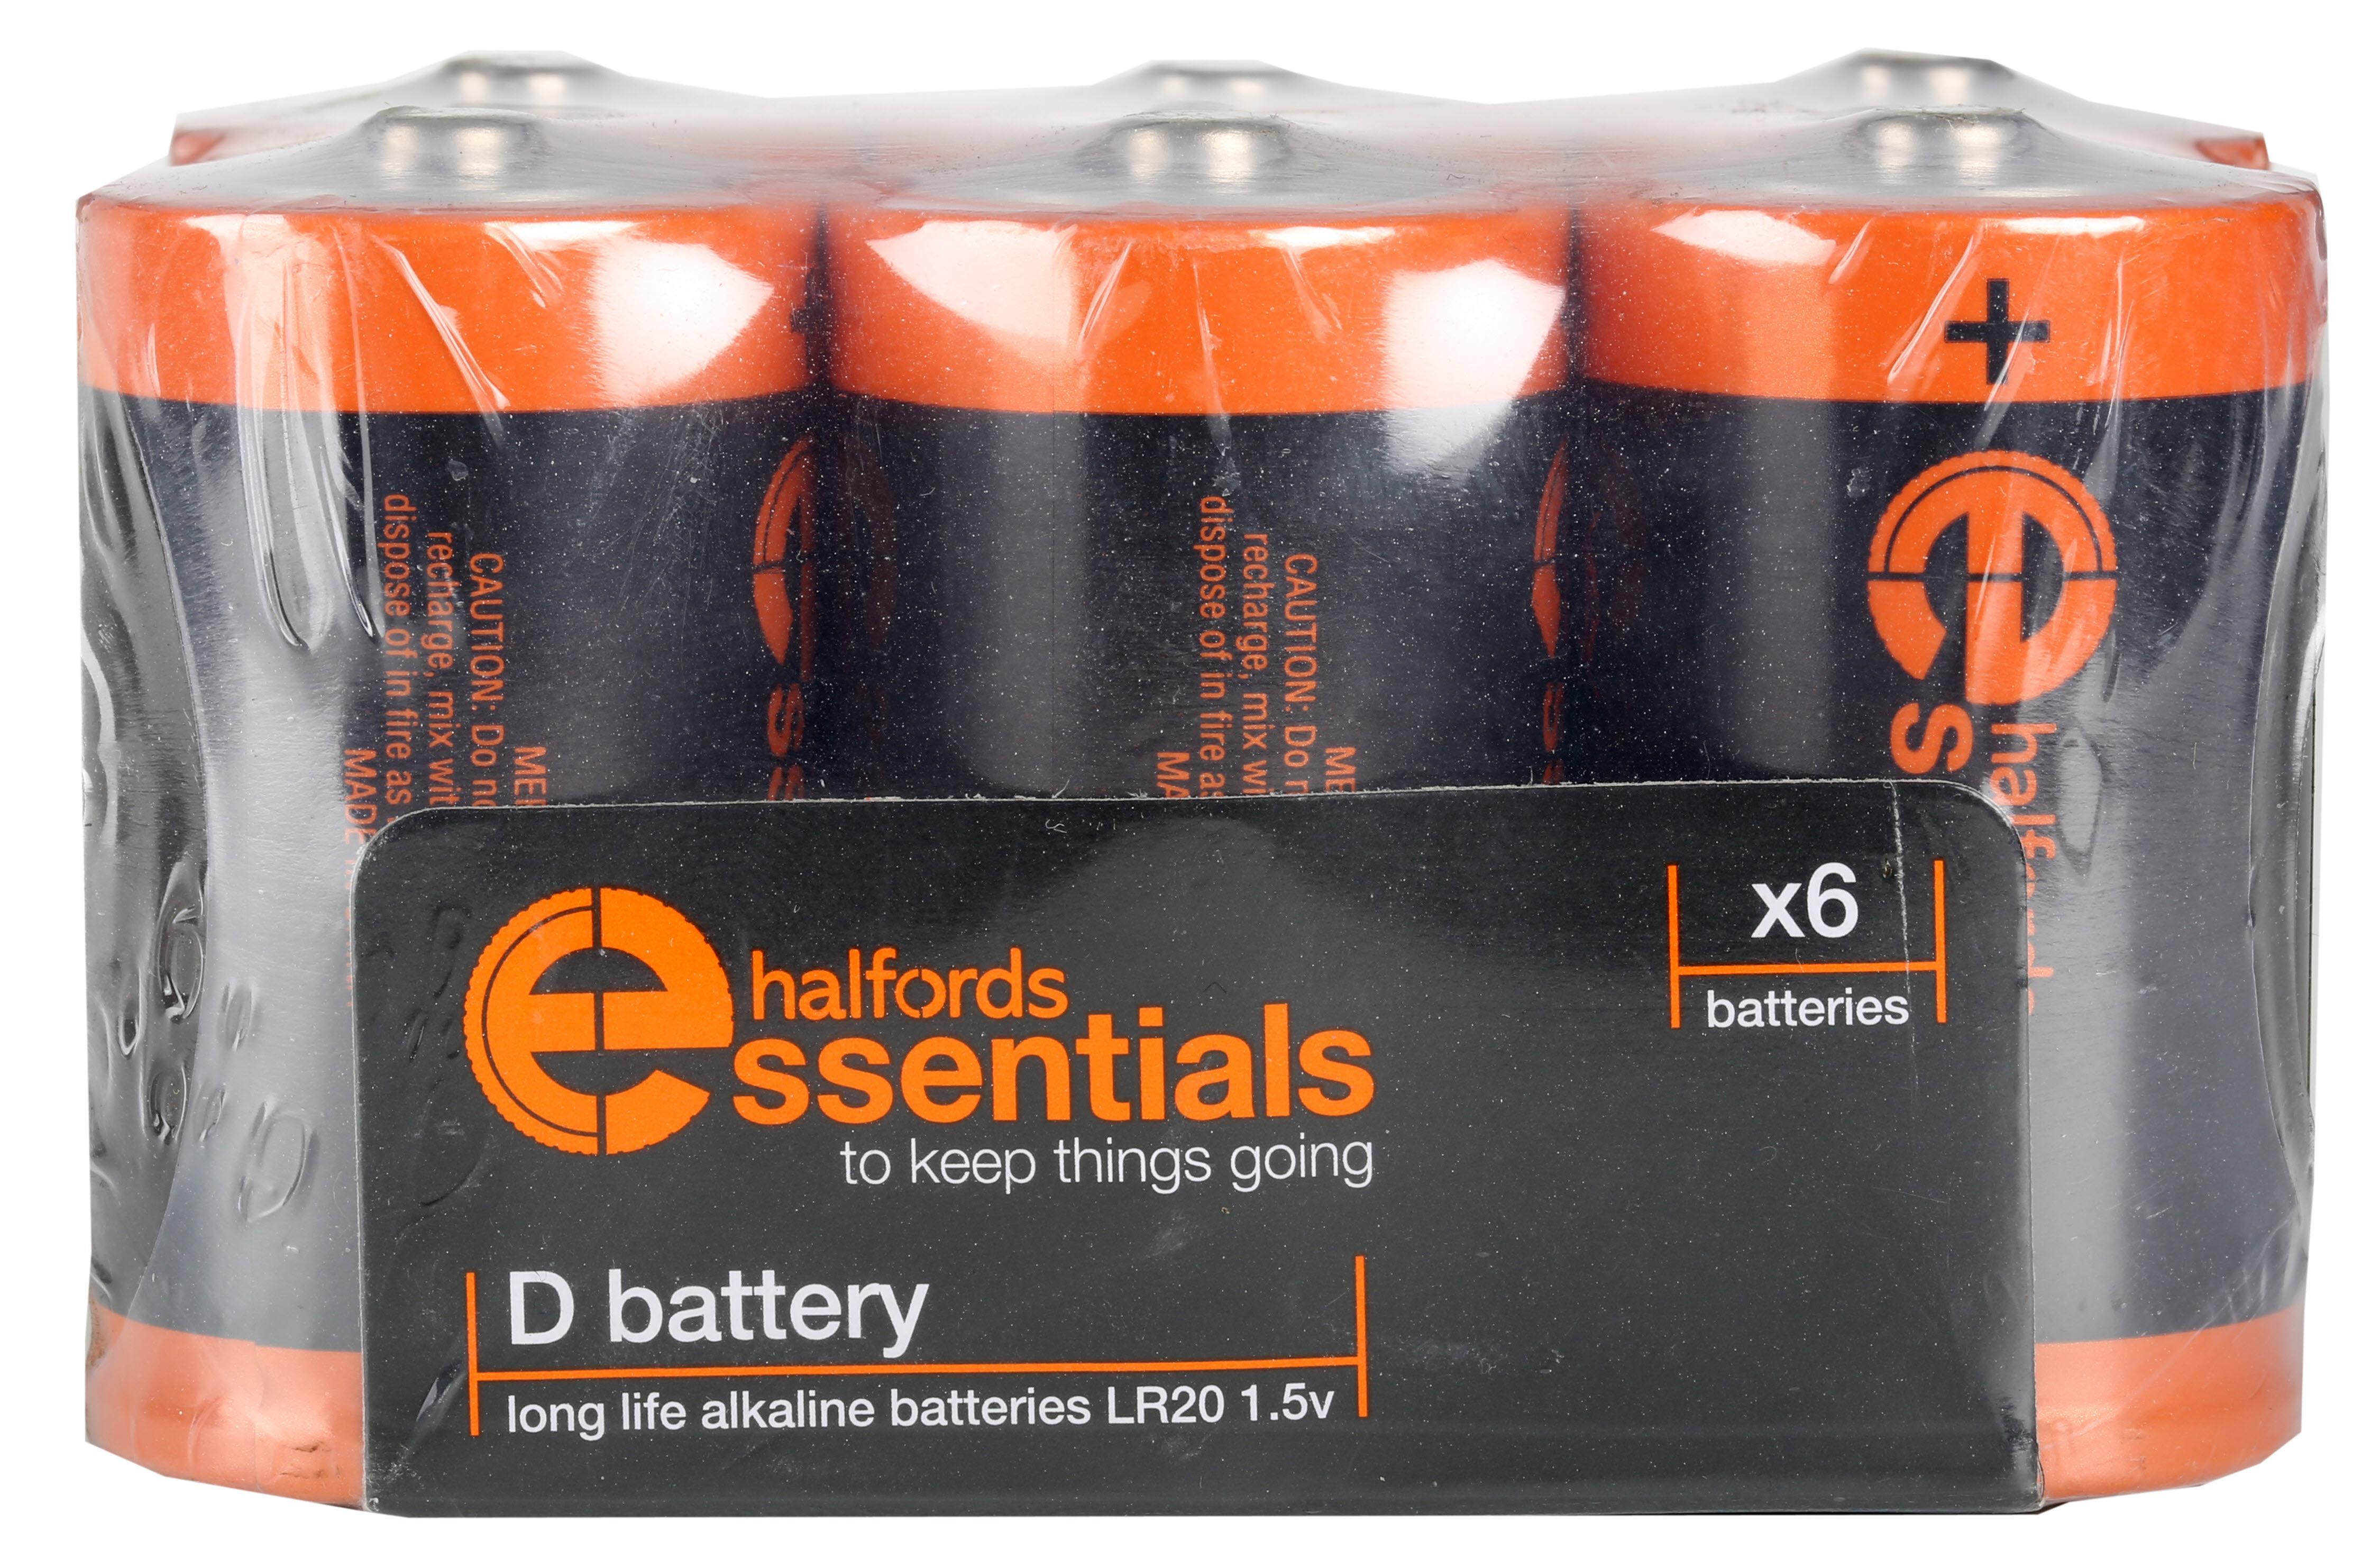 Halfords Essential Batteries D x6